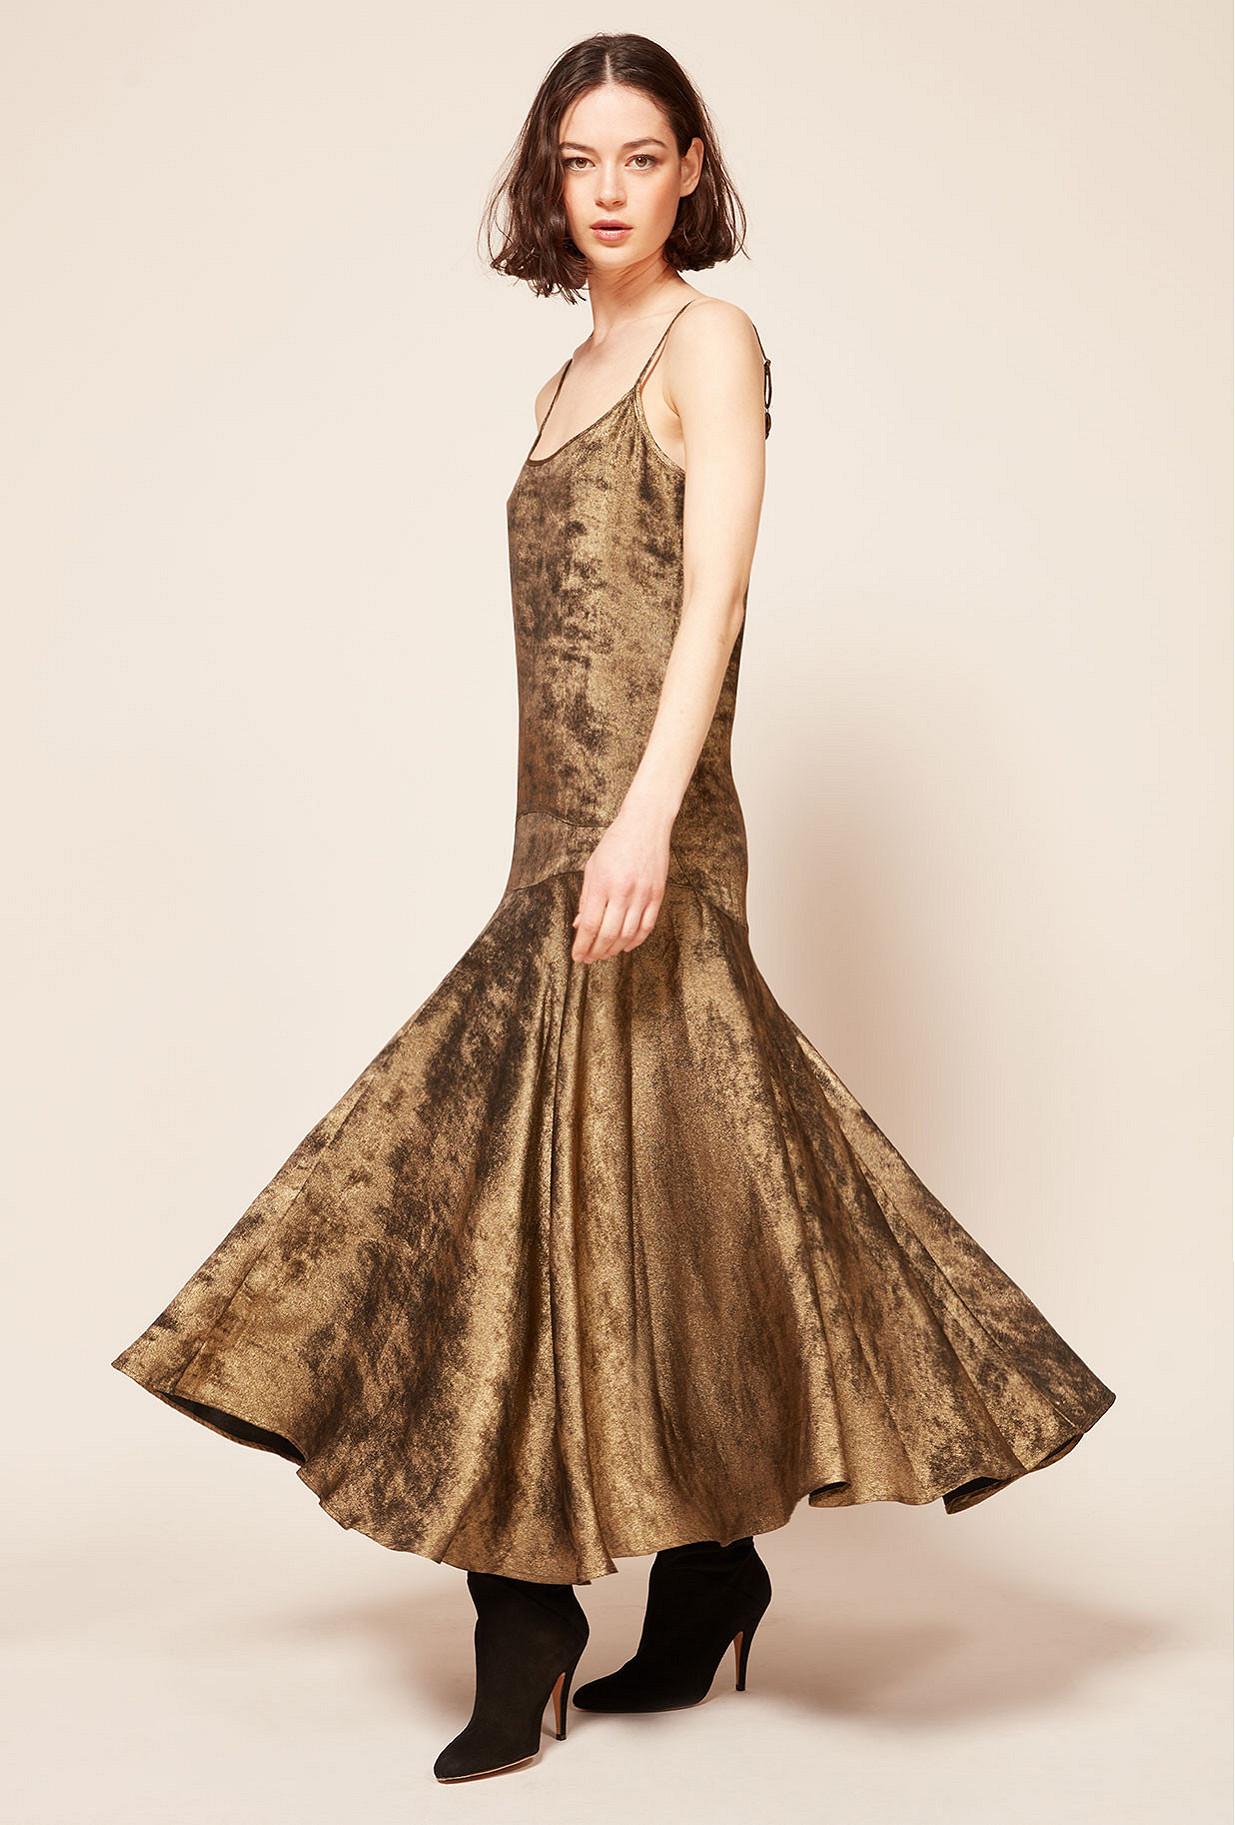 Robe Bronze  Ginger mes demoiselles paris vêtement femme paris